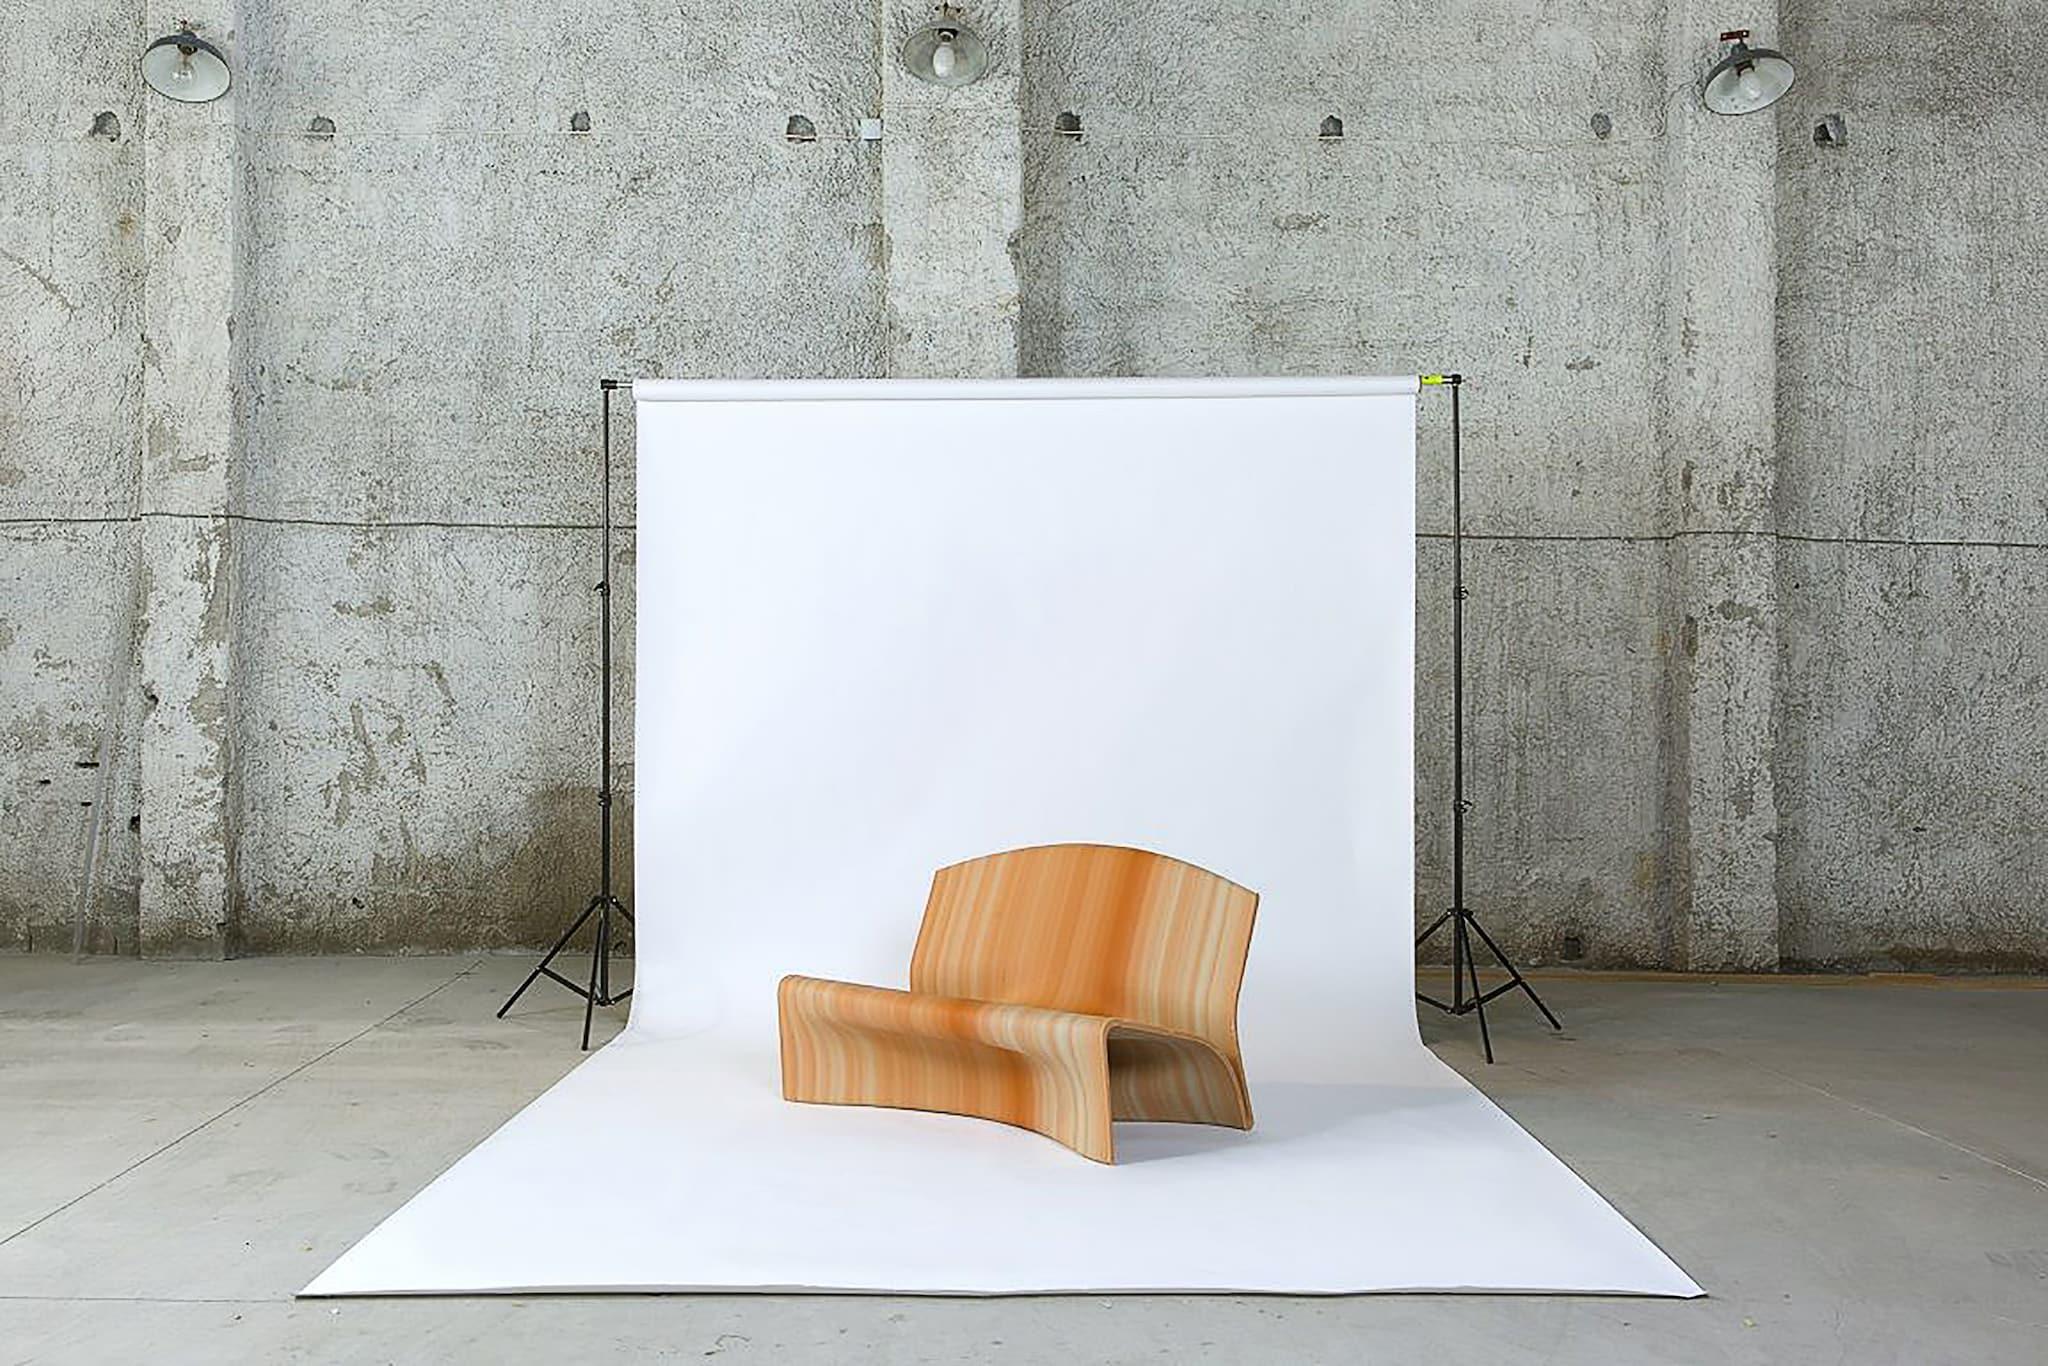 Seduta Second Nature, realizzata con la stampa 3D a partire dalla plastica recuperata nei mari, BLUECYCLE (vincitore dell'edizione 2020, categoria Industrial Design del RO Plastic Prize).